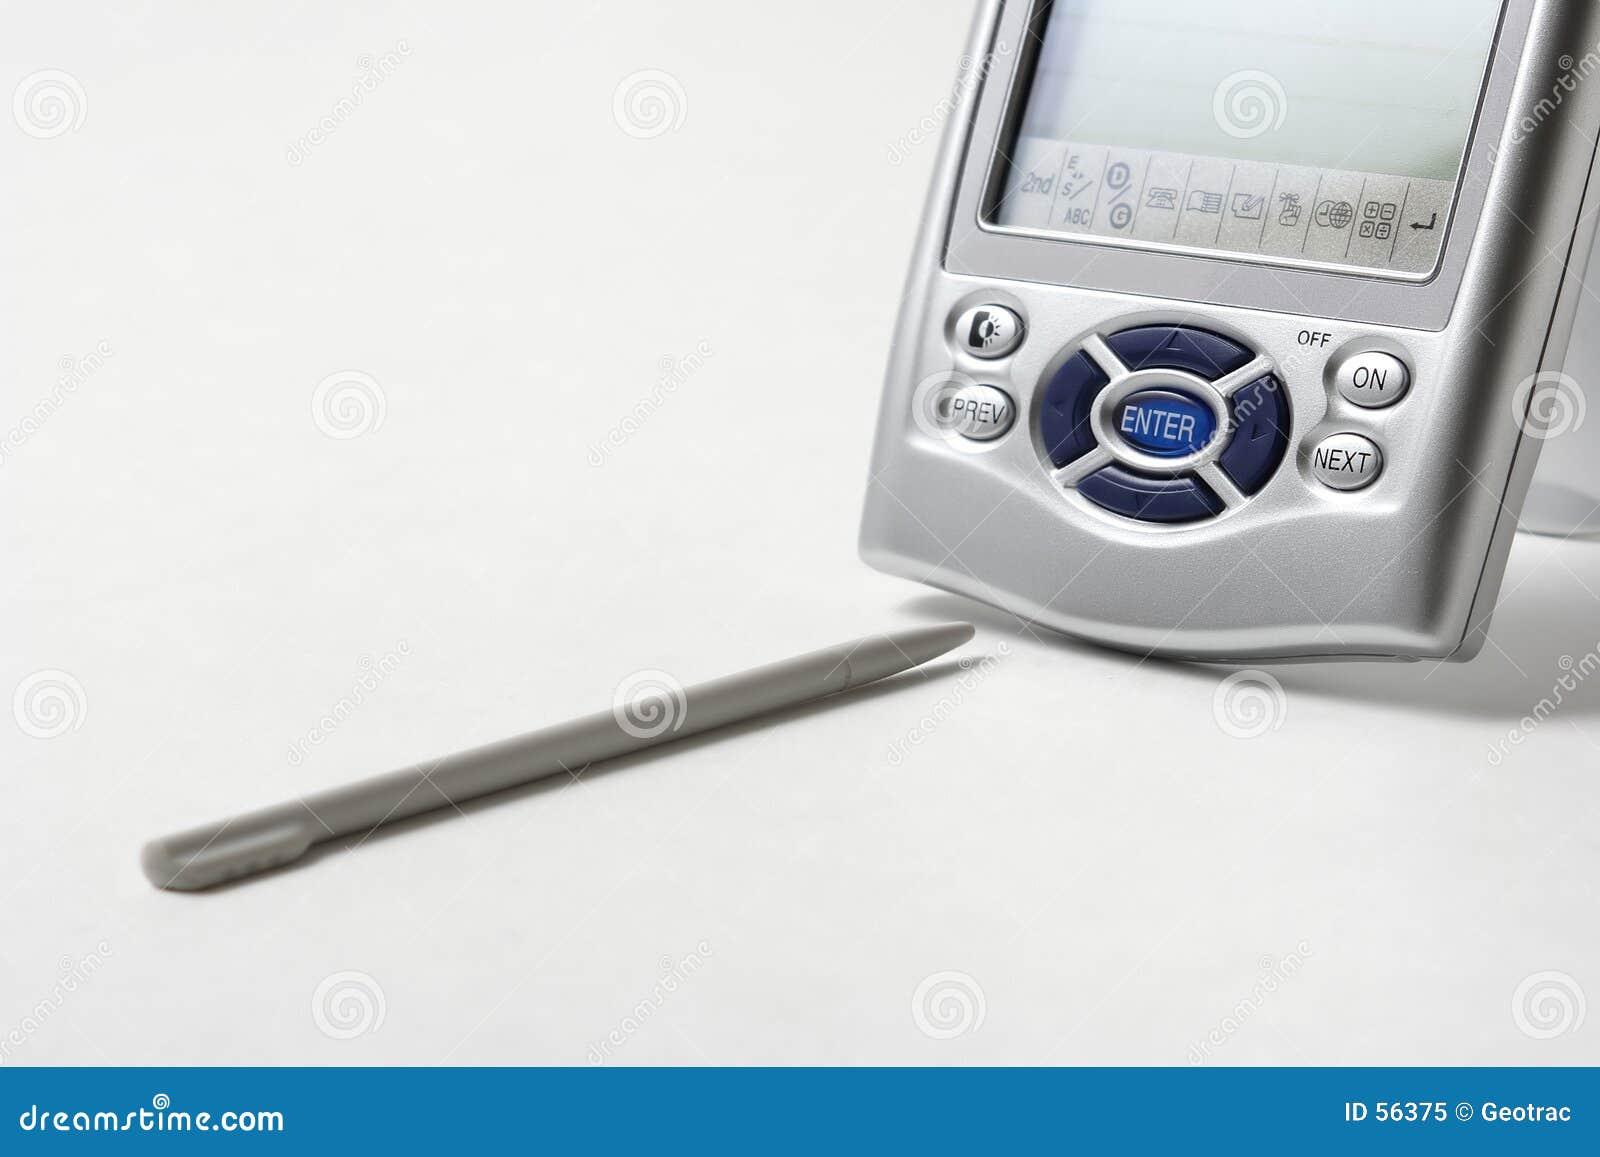 UM PDA